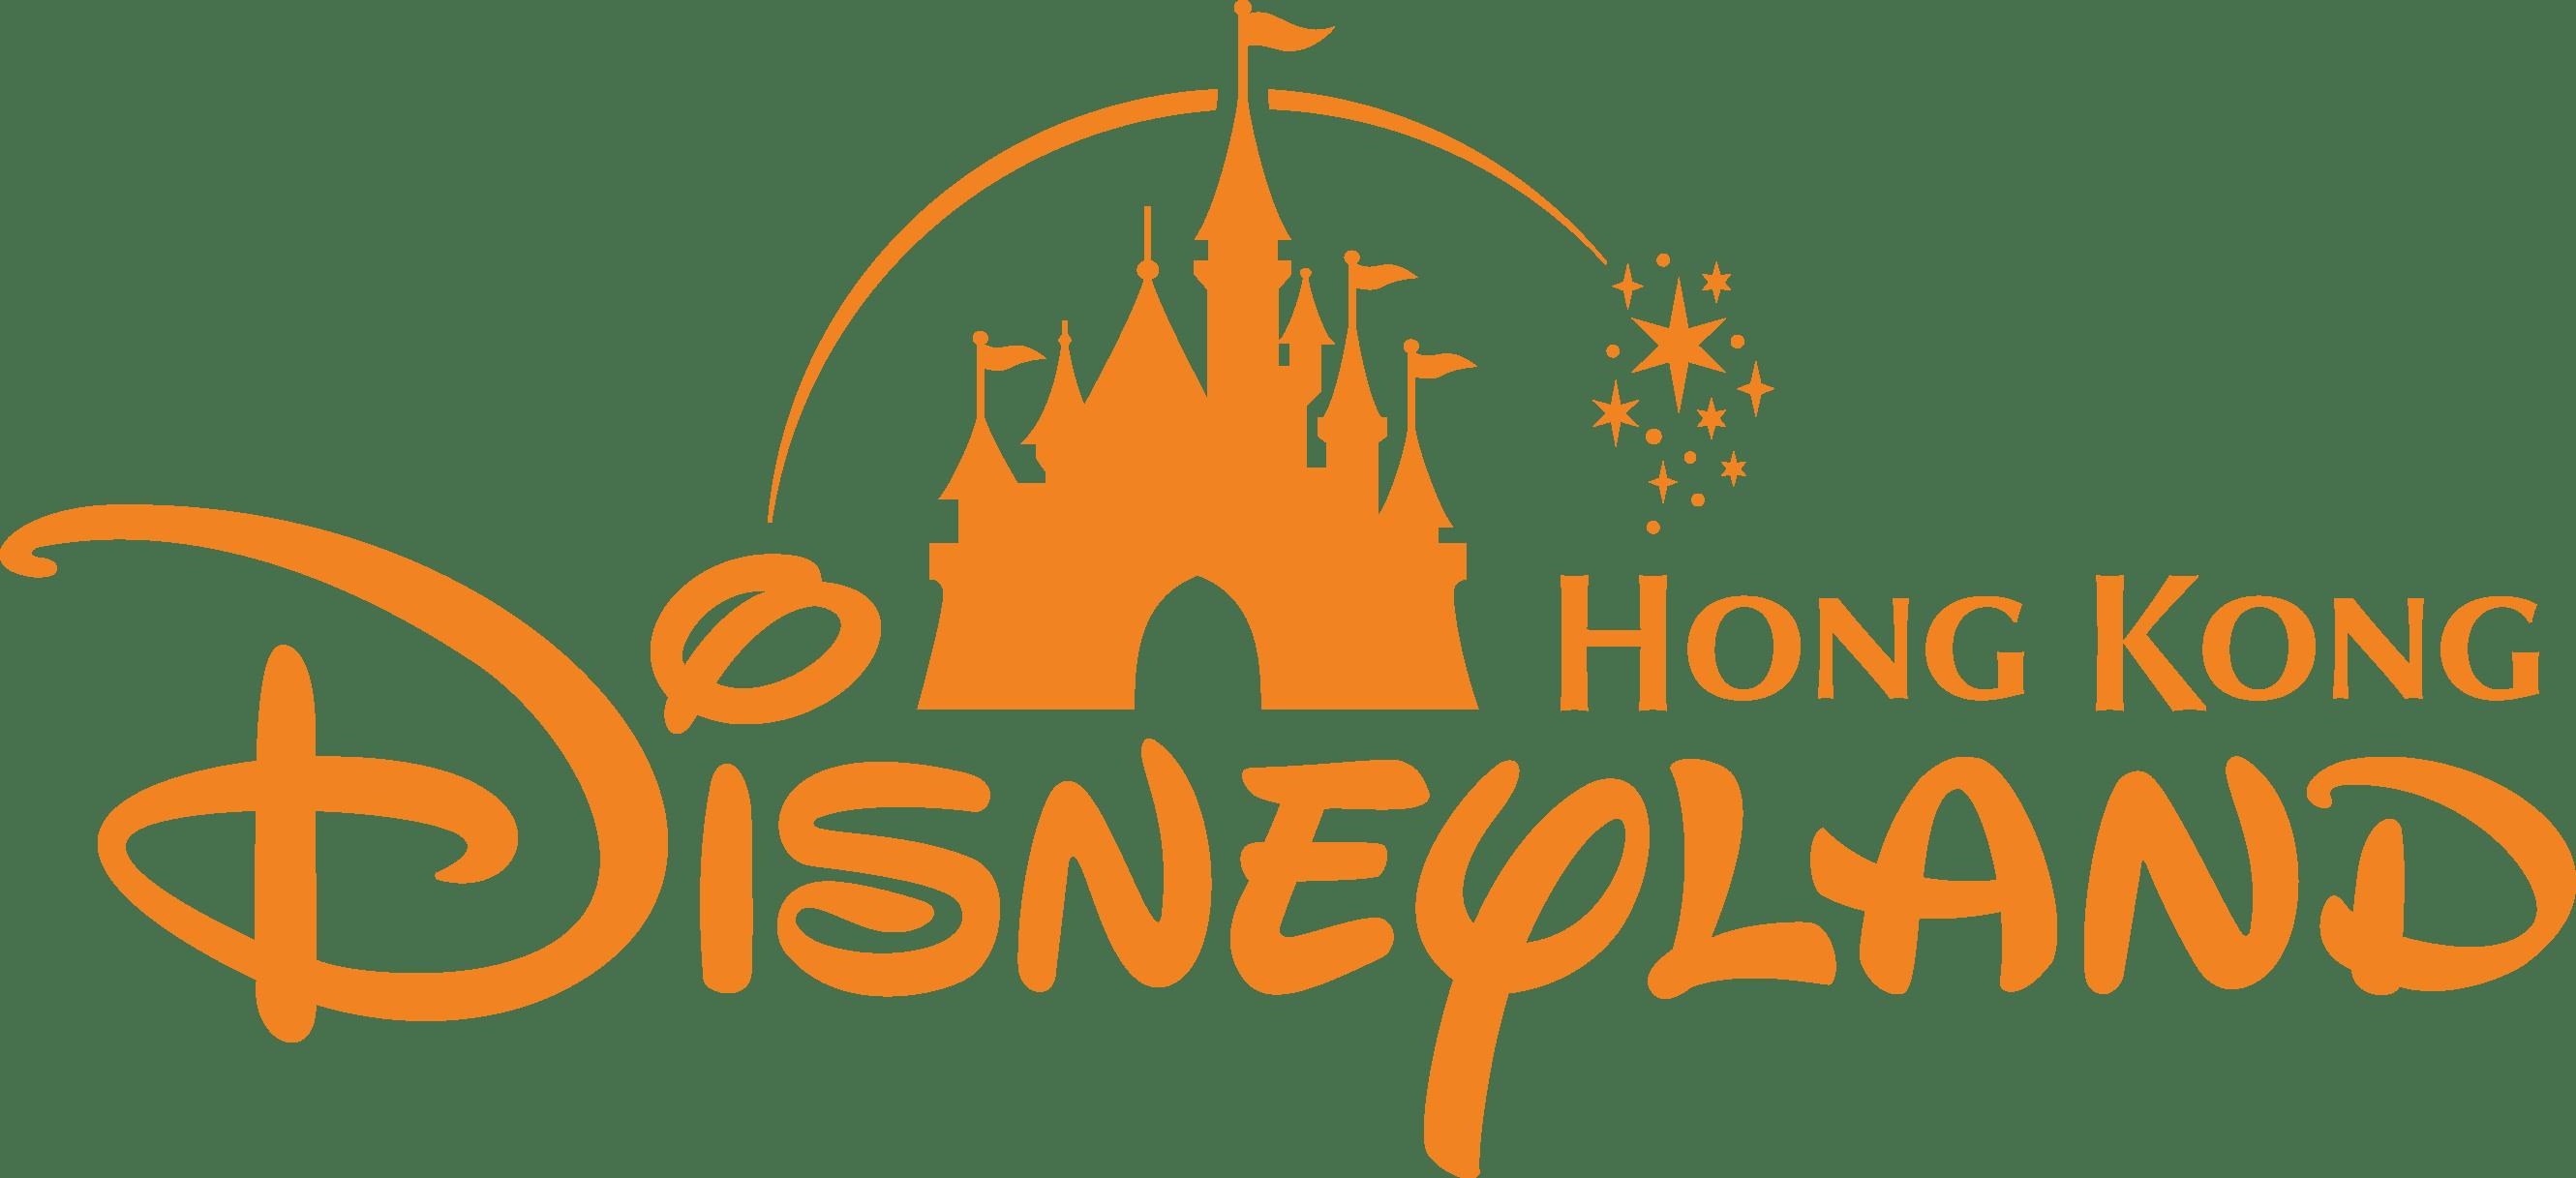 Hong Kong Disneyland Logo png